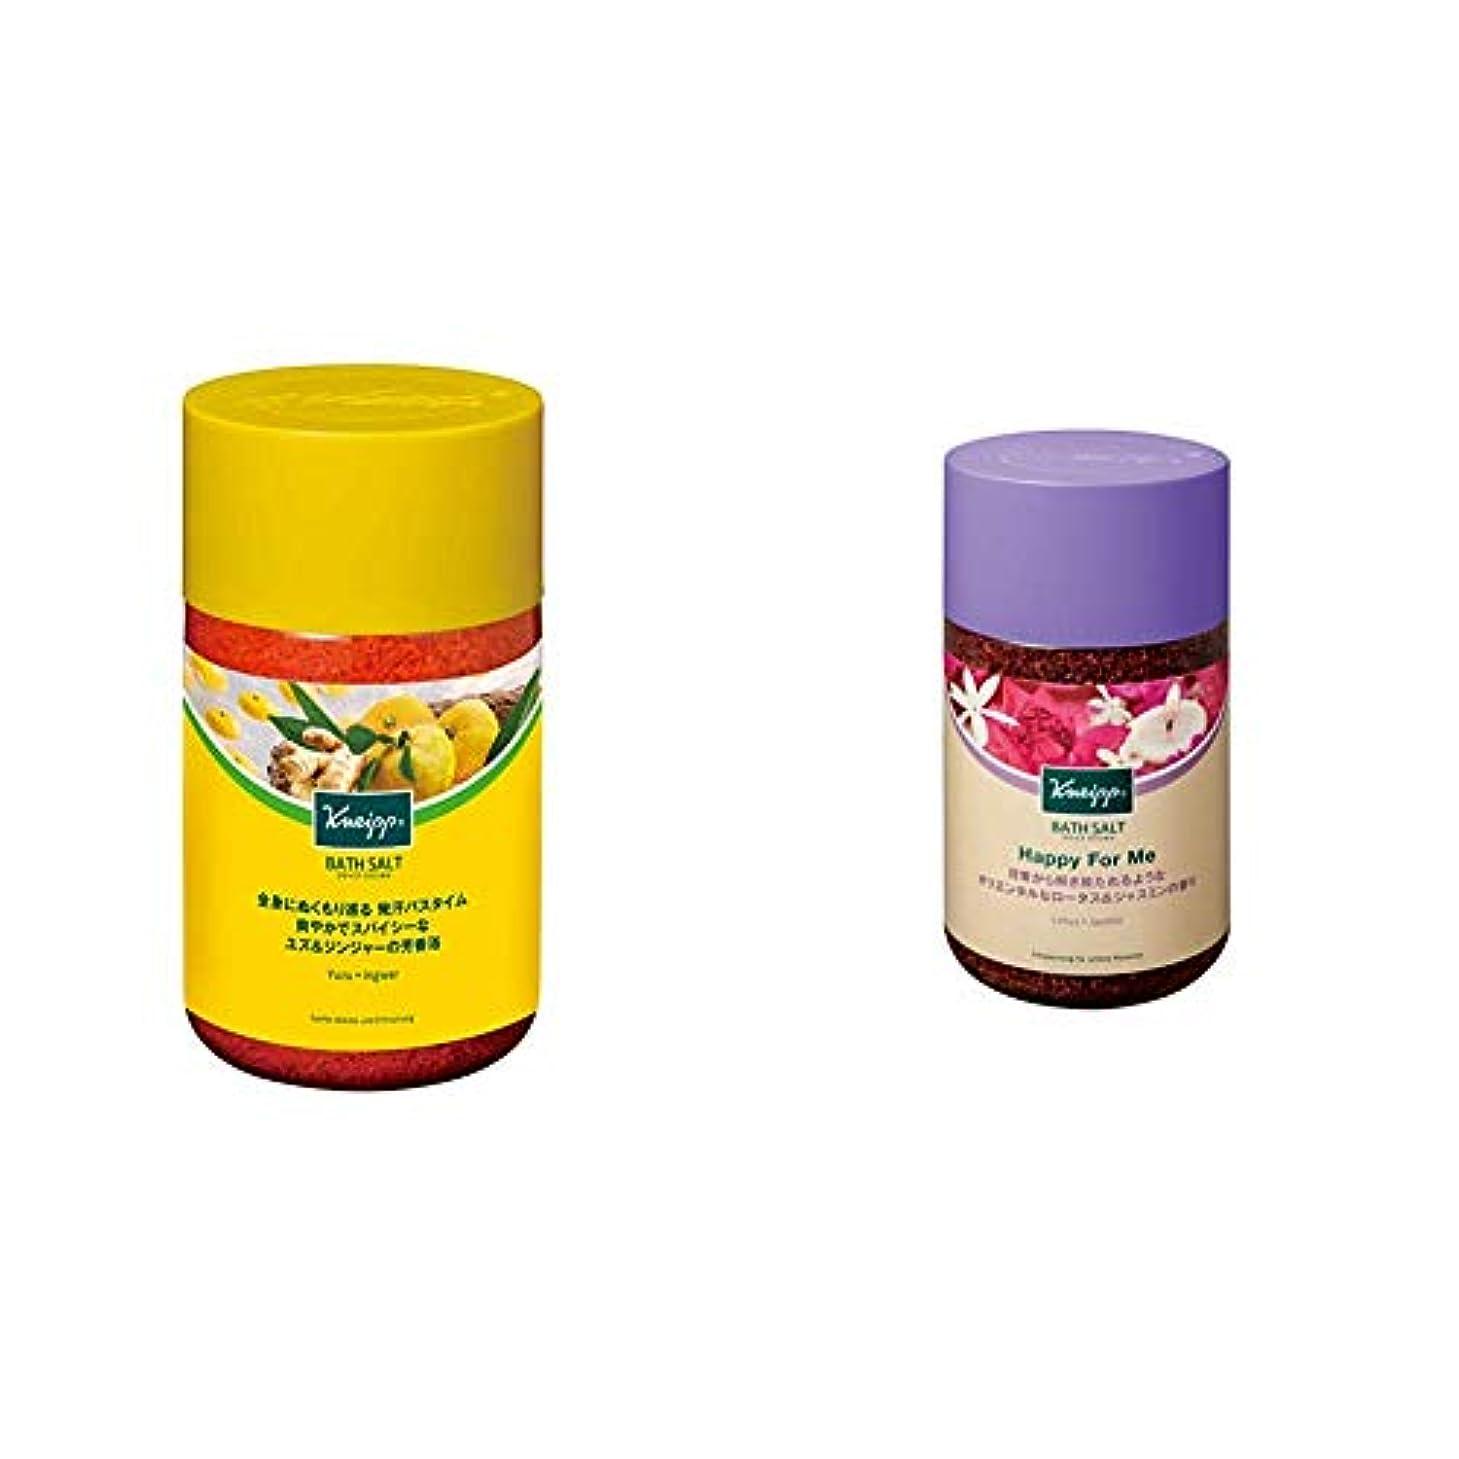 悪因子実装する計算可能クナイプ バスソルト ユズ&ジンジャーの香り 850g & バスソルト ハッピーフォーミー ロータス&ジャスミンの香り